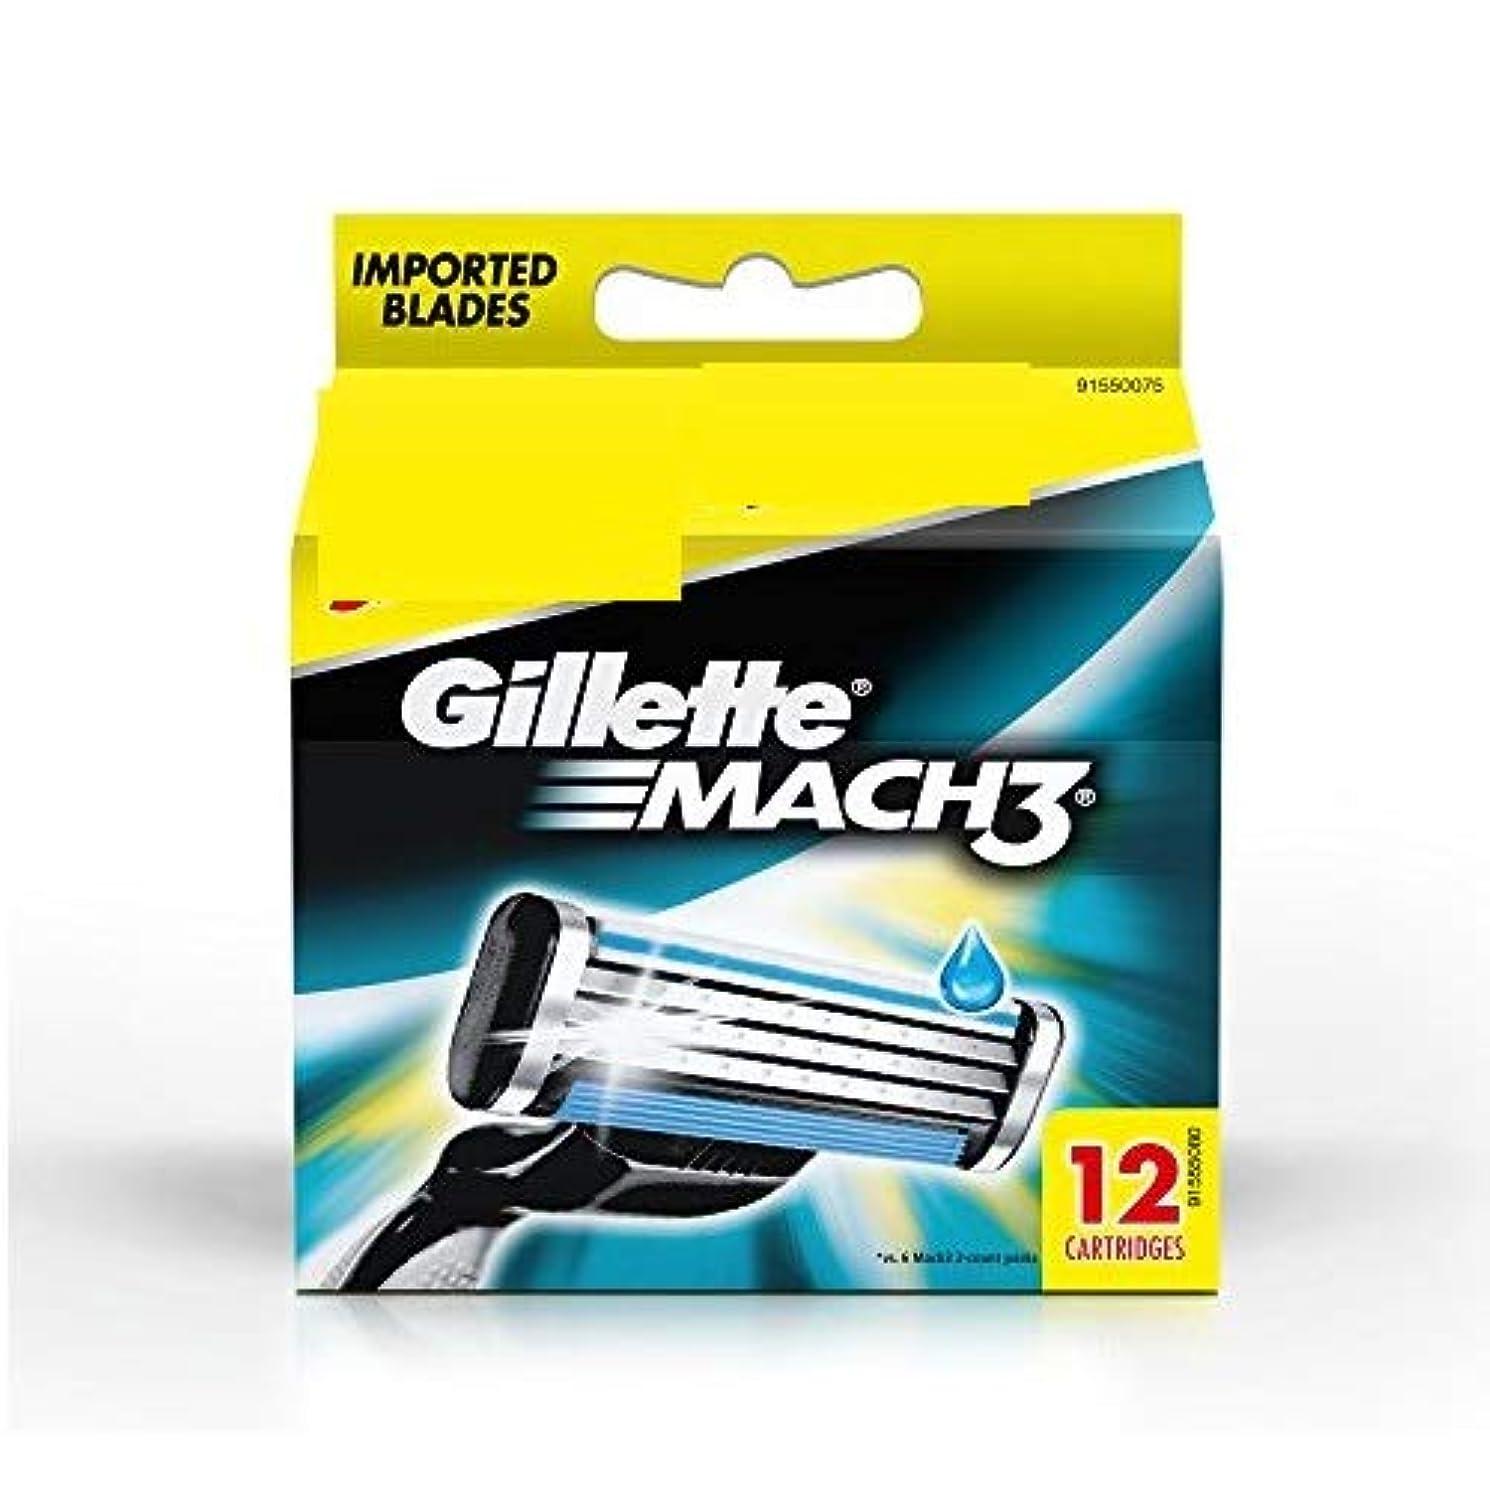 速記東マーティンルーサーキングジュニアGillette Mach3 Blade 12 cartridges